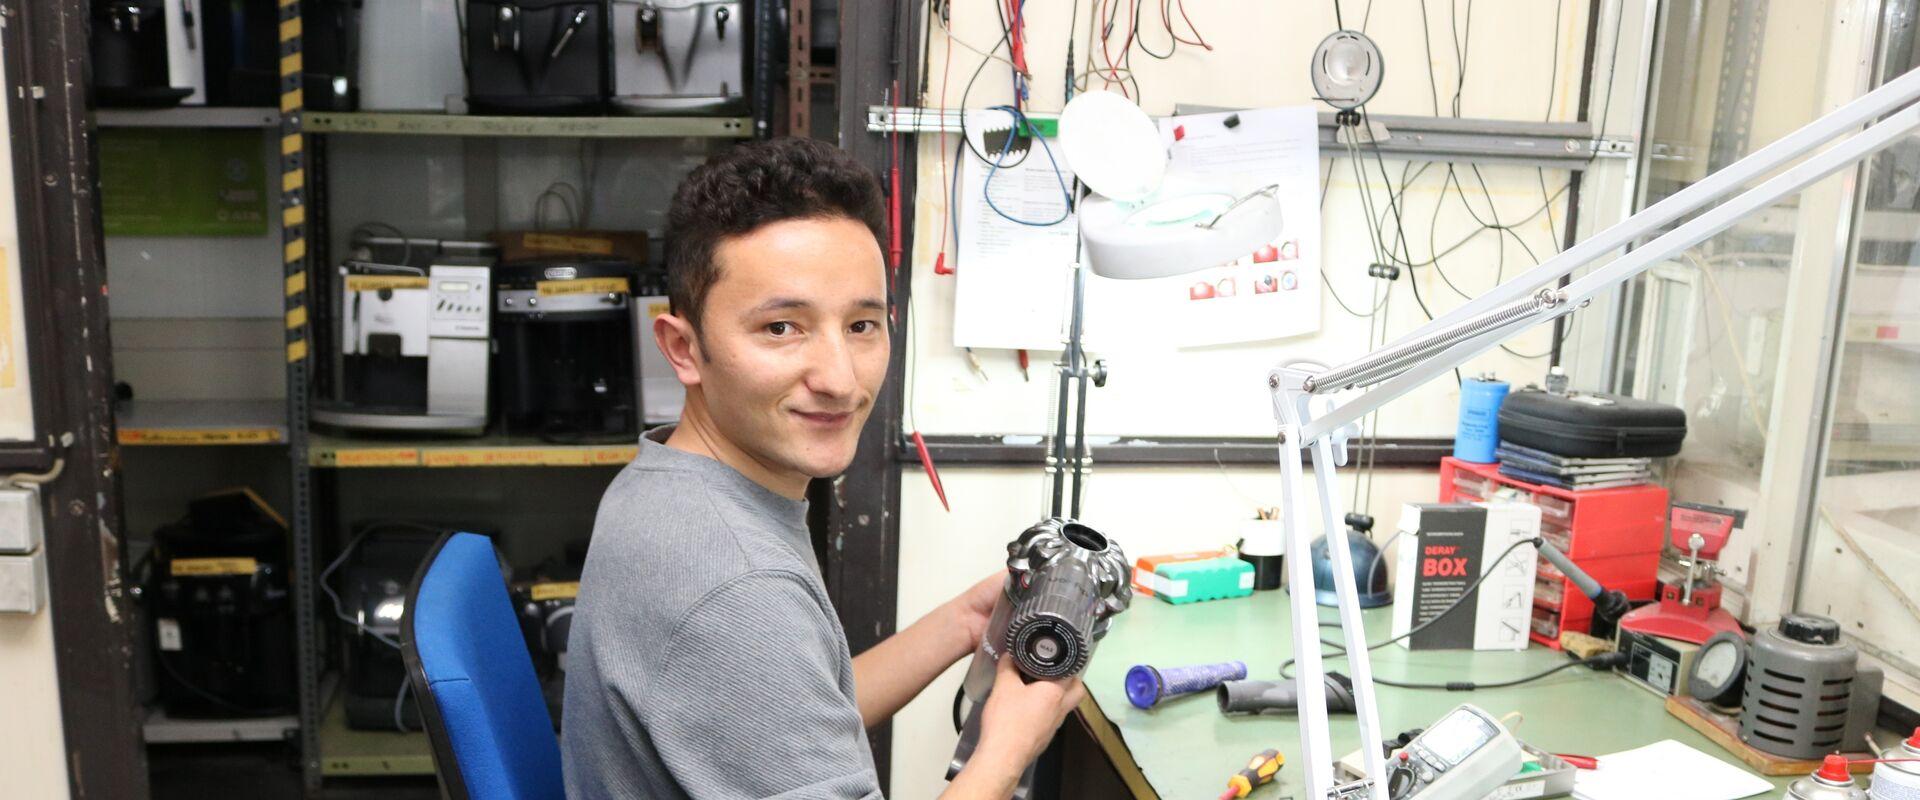 Mortesa liebt es Räder oder Elektrogeräte reparieren.